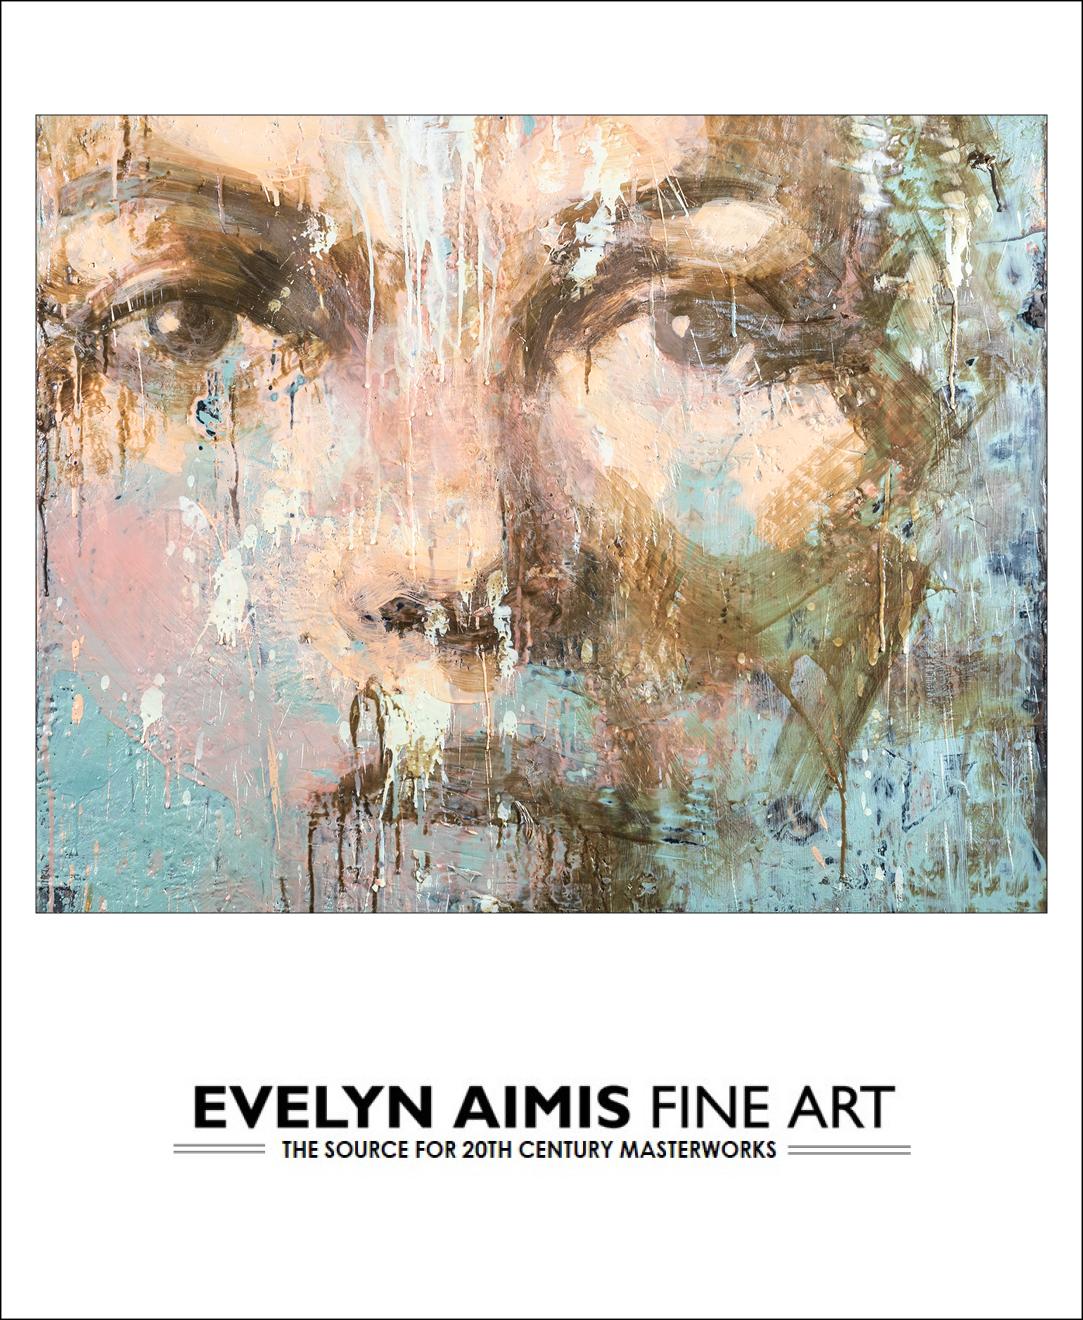 Vente BYDealers x Evelyn Aimis Fine Art - L'oeil du Collectionneur: Art International & Canadien chez Les Enchères BYDealers Auction House : 41 lots